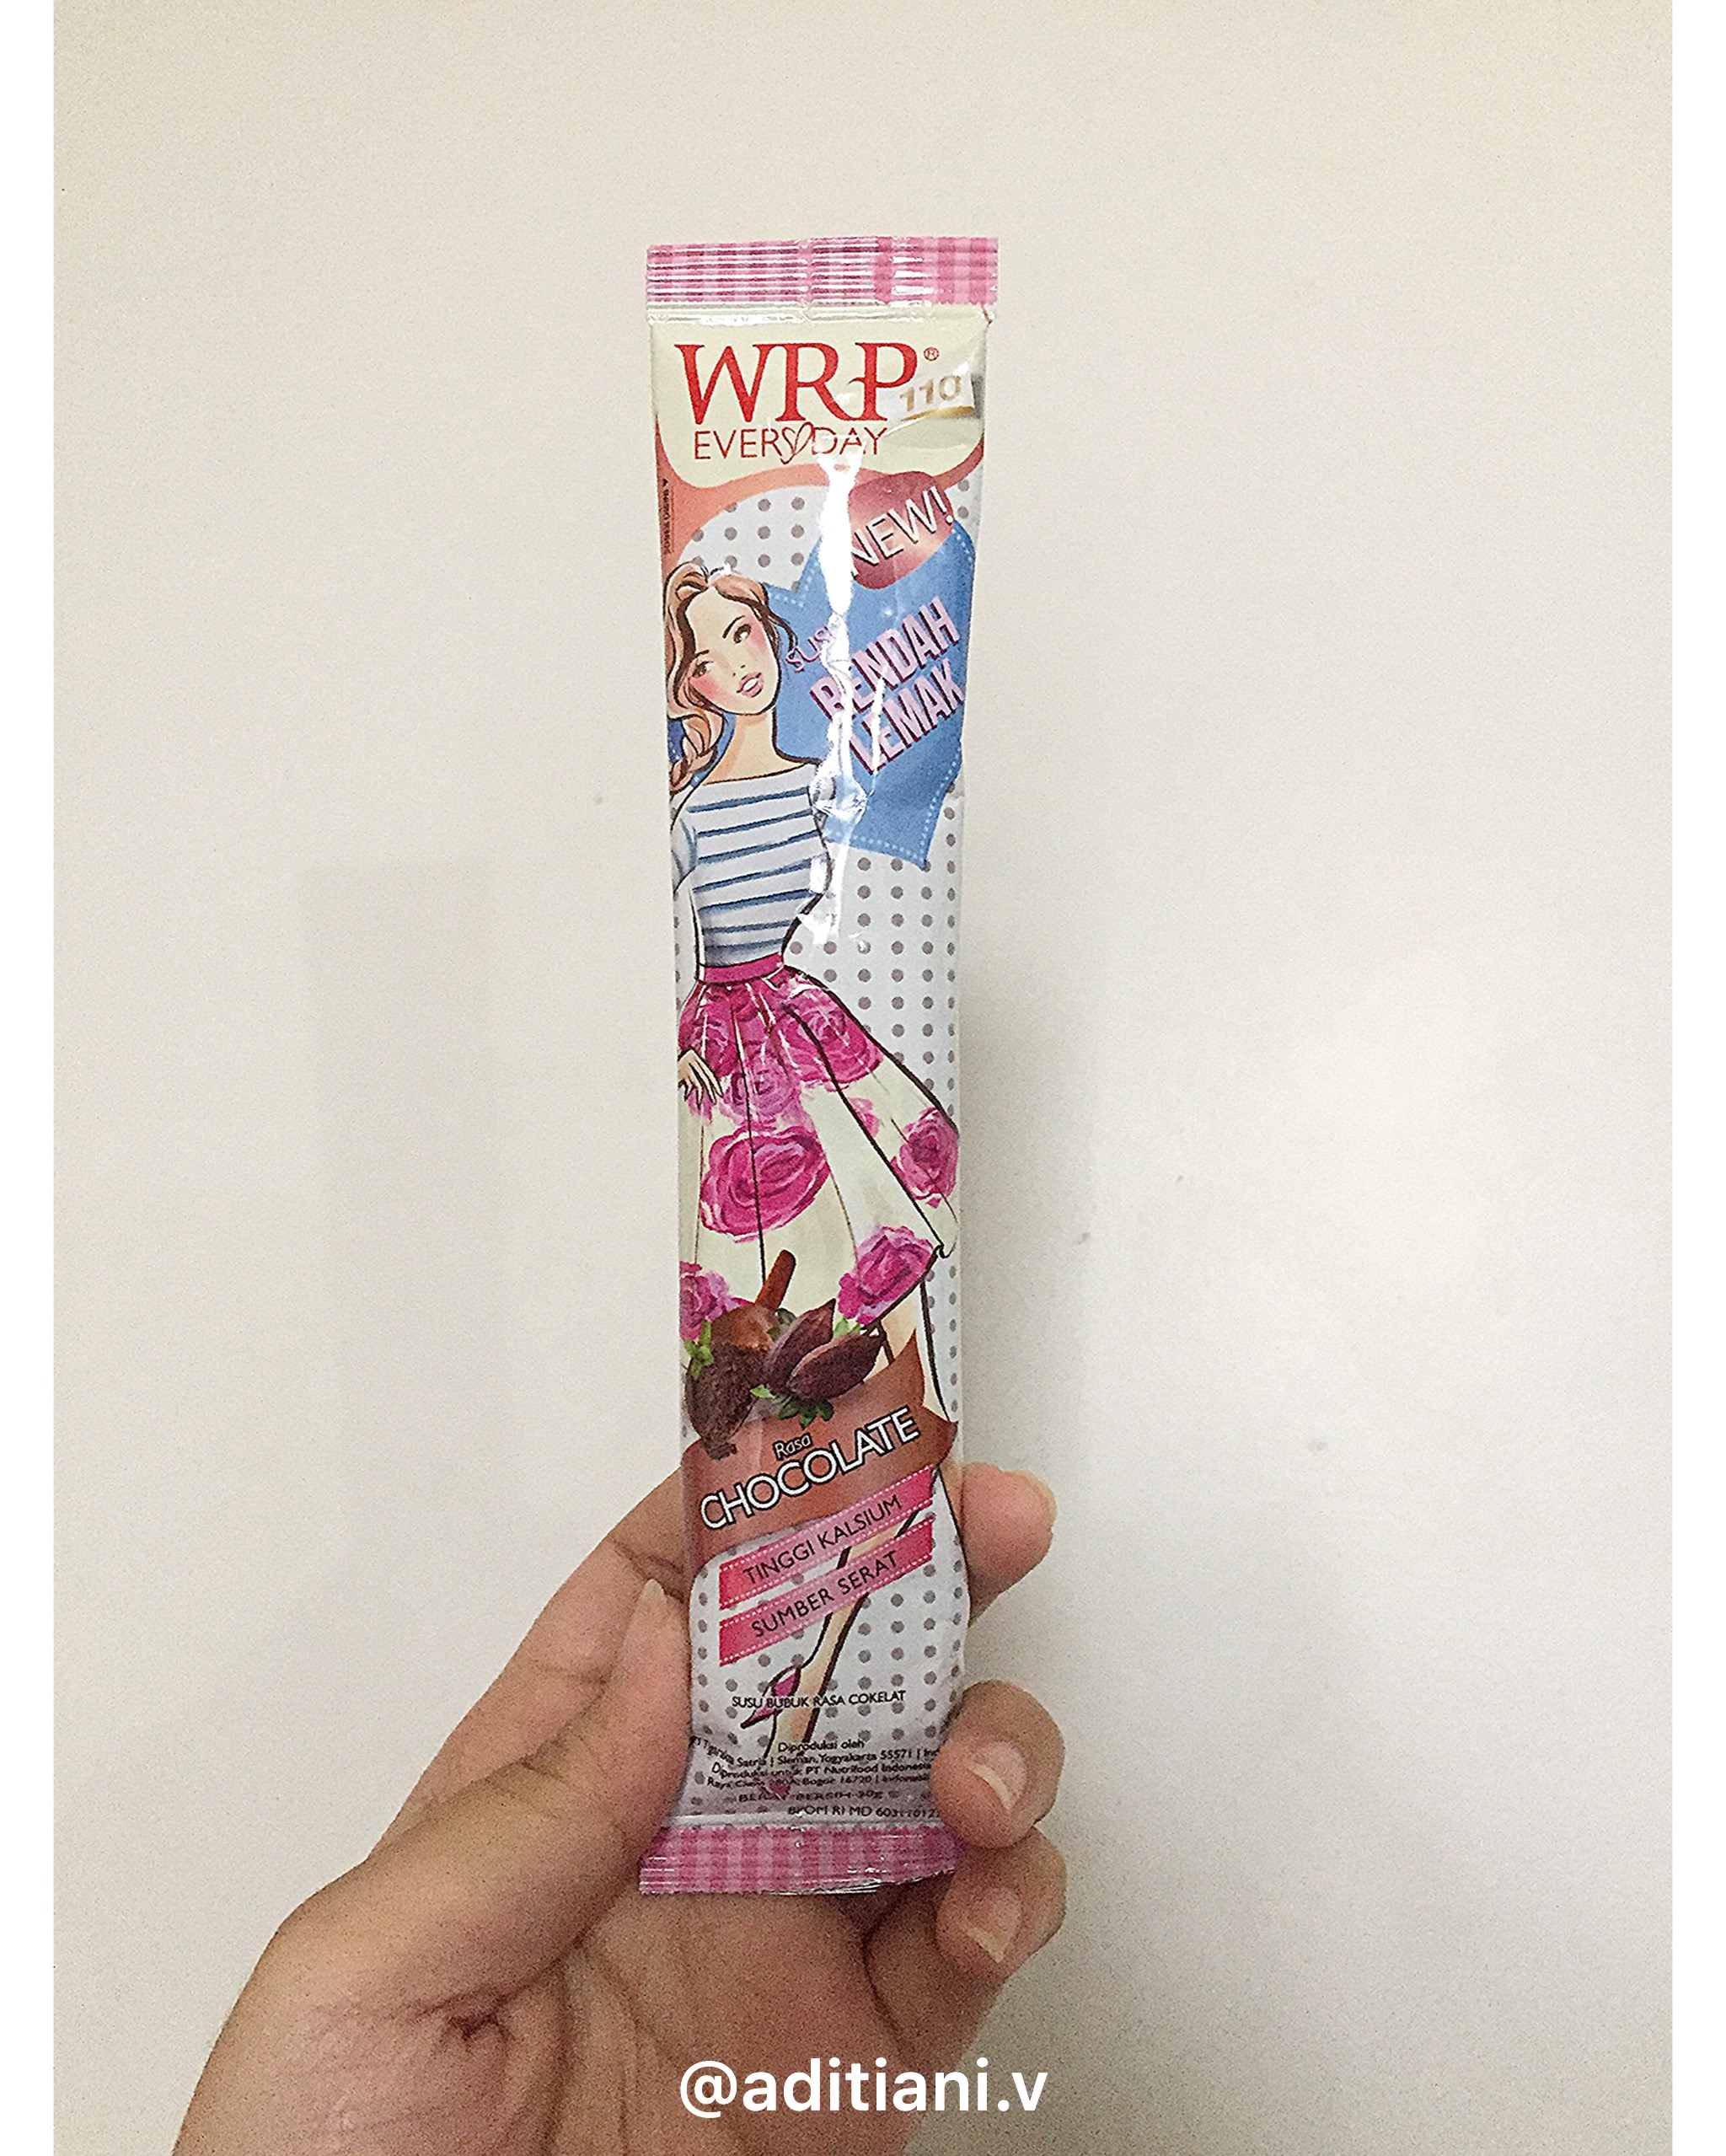 gambar review ke-3 untuk WRP Low Fat Milk